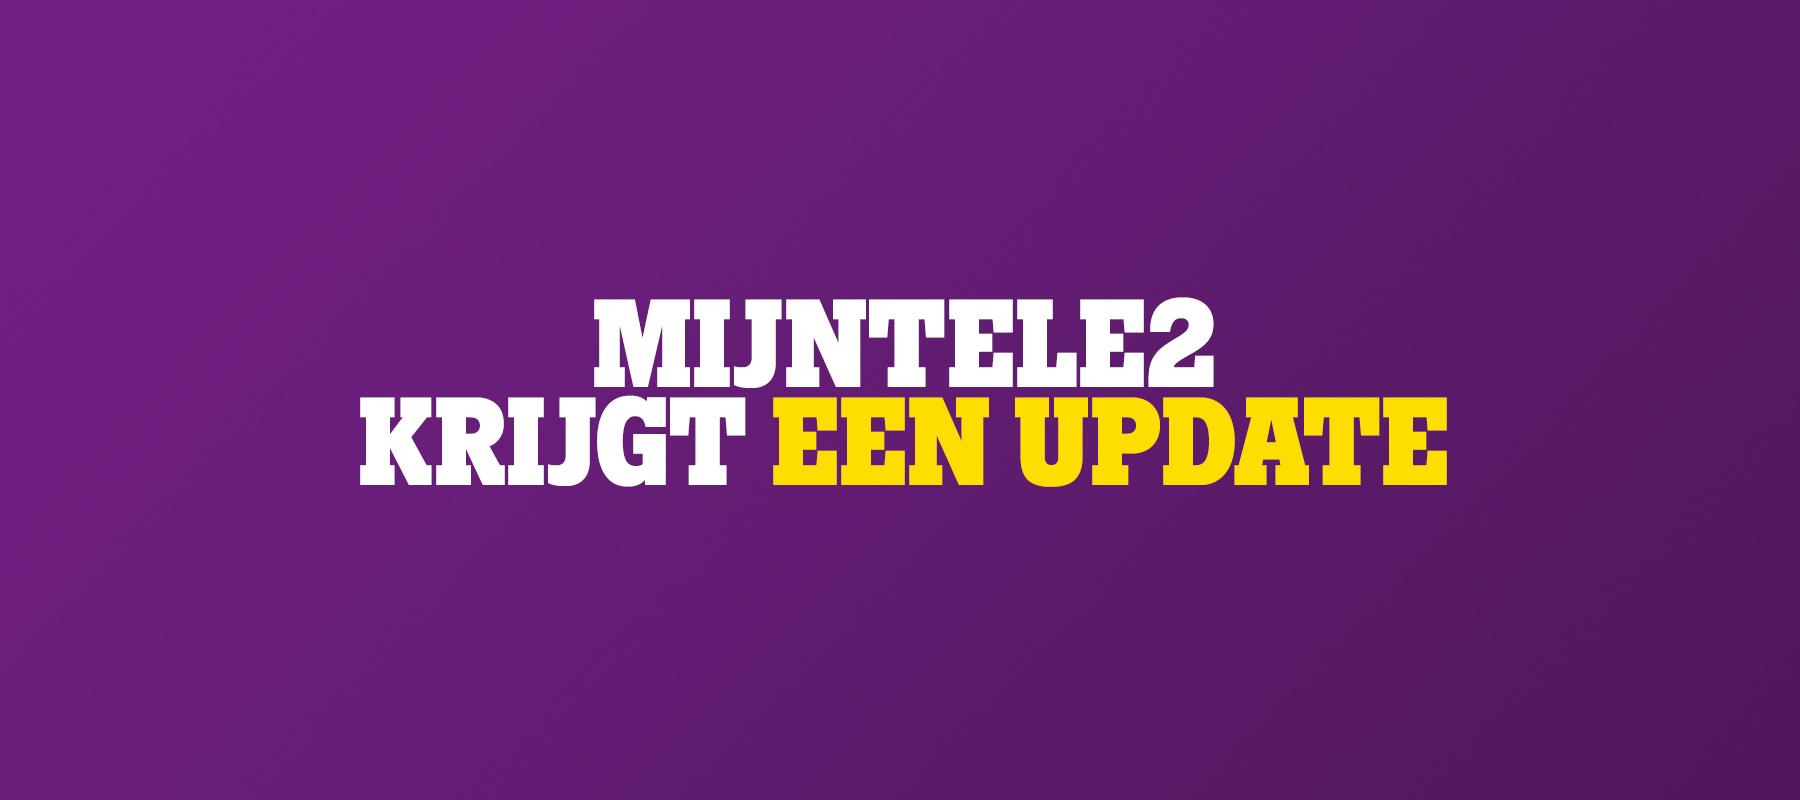 [Info] MijnTele2 krijgt een update!